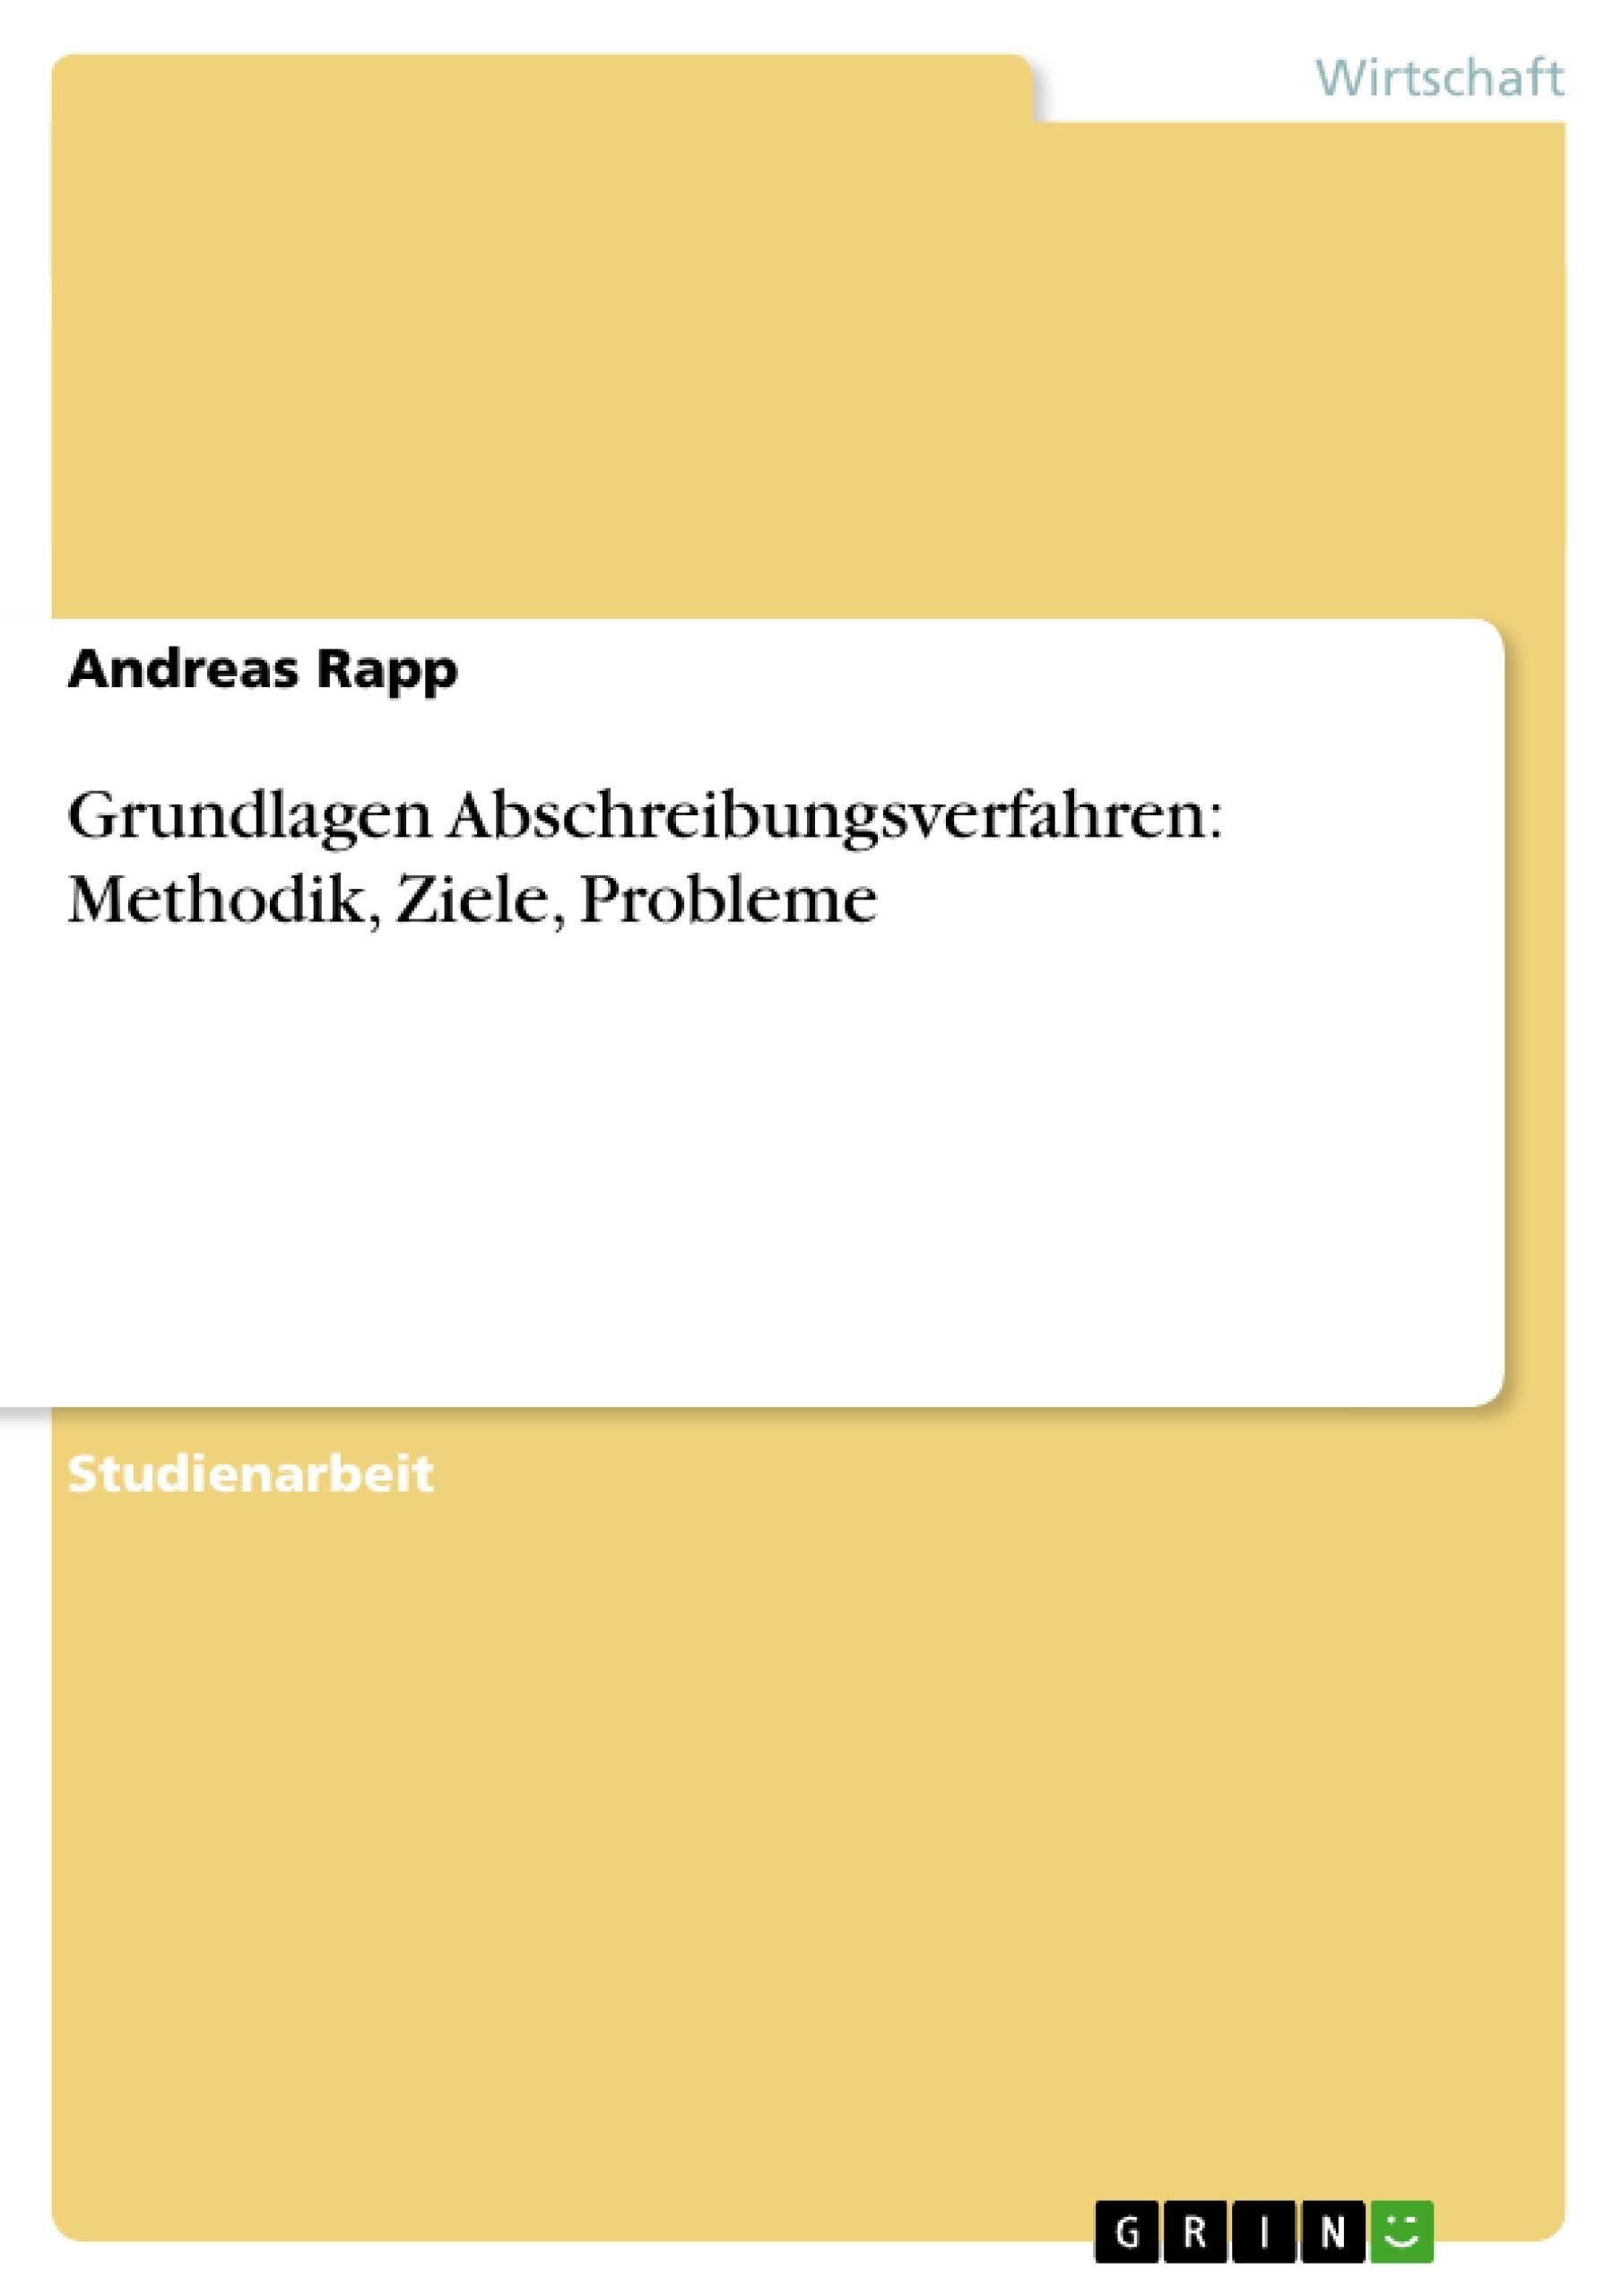 Titel: Grundlagen Abschreibungsverfahren: Methodik, Ziele, Probleme